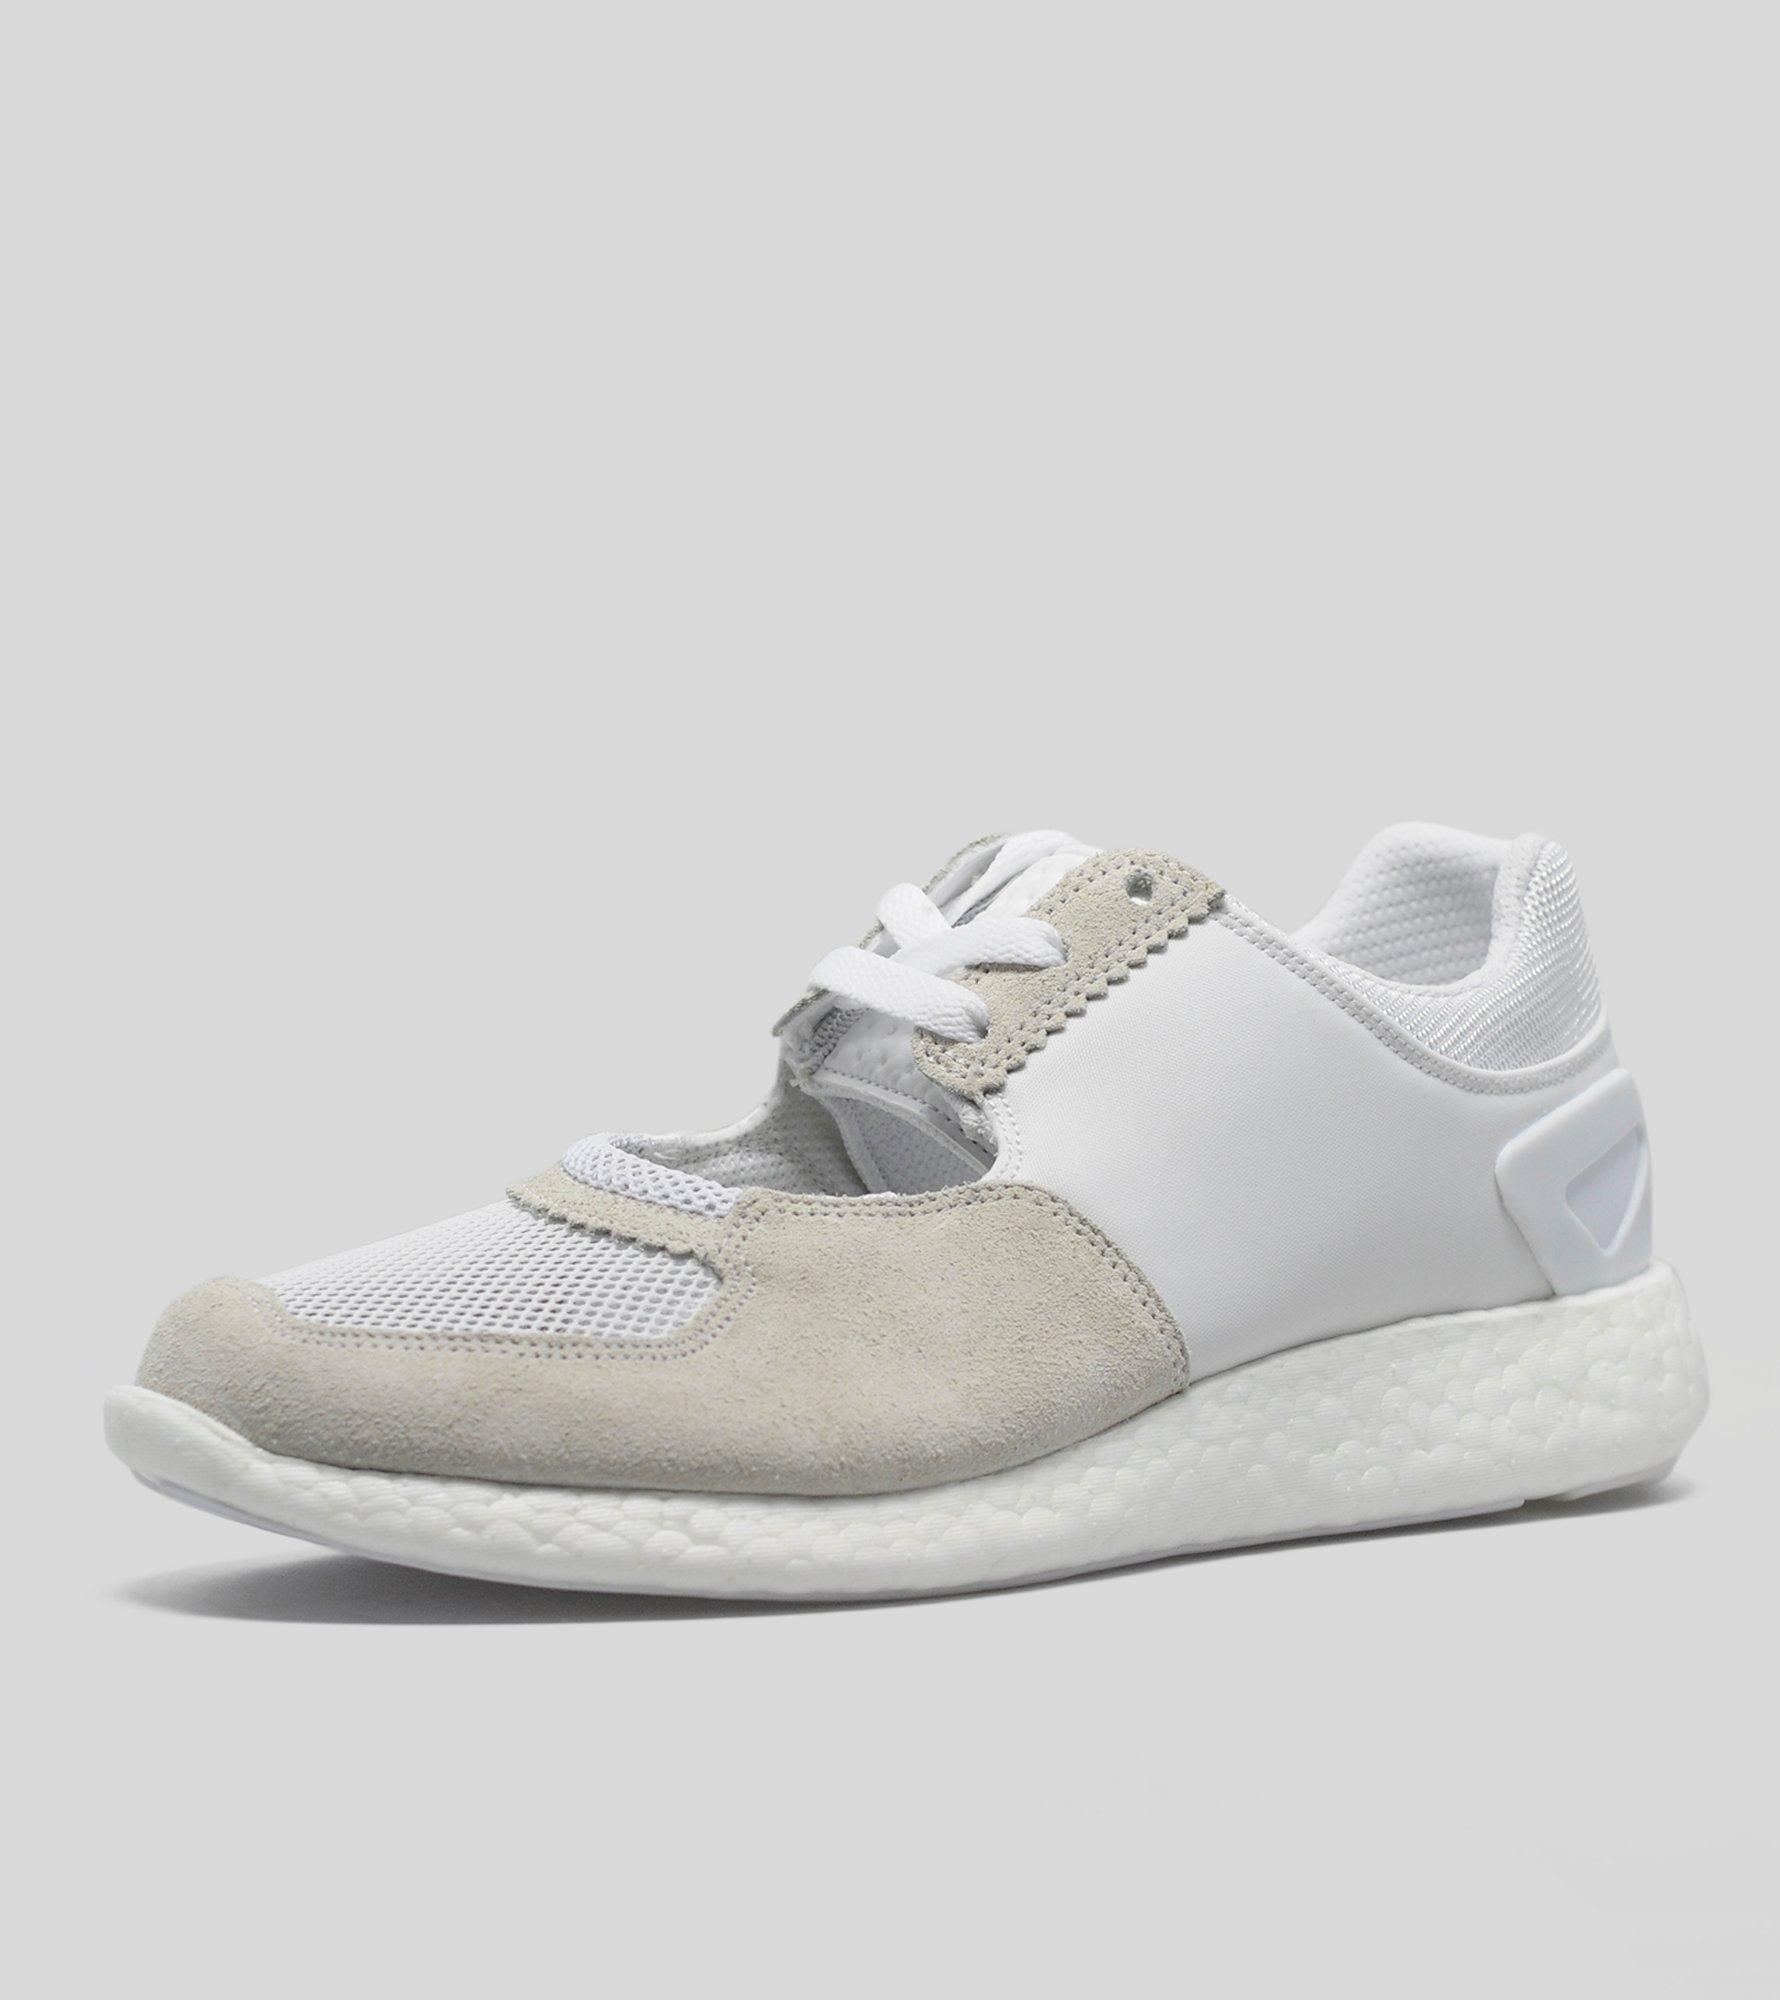 adidas Originals AOH-007 White - Womens Shoes